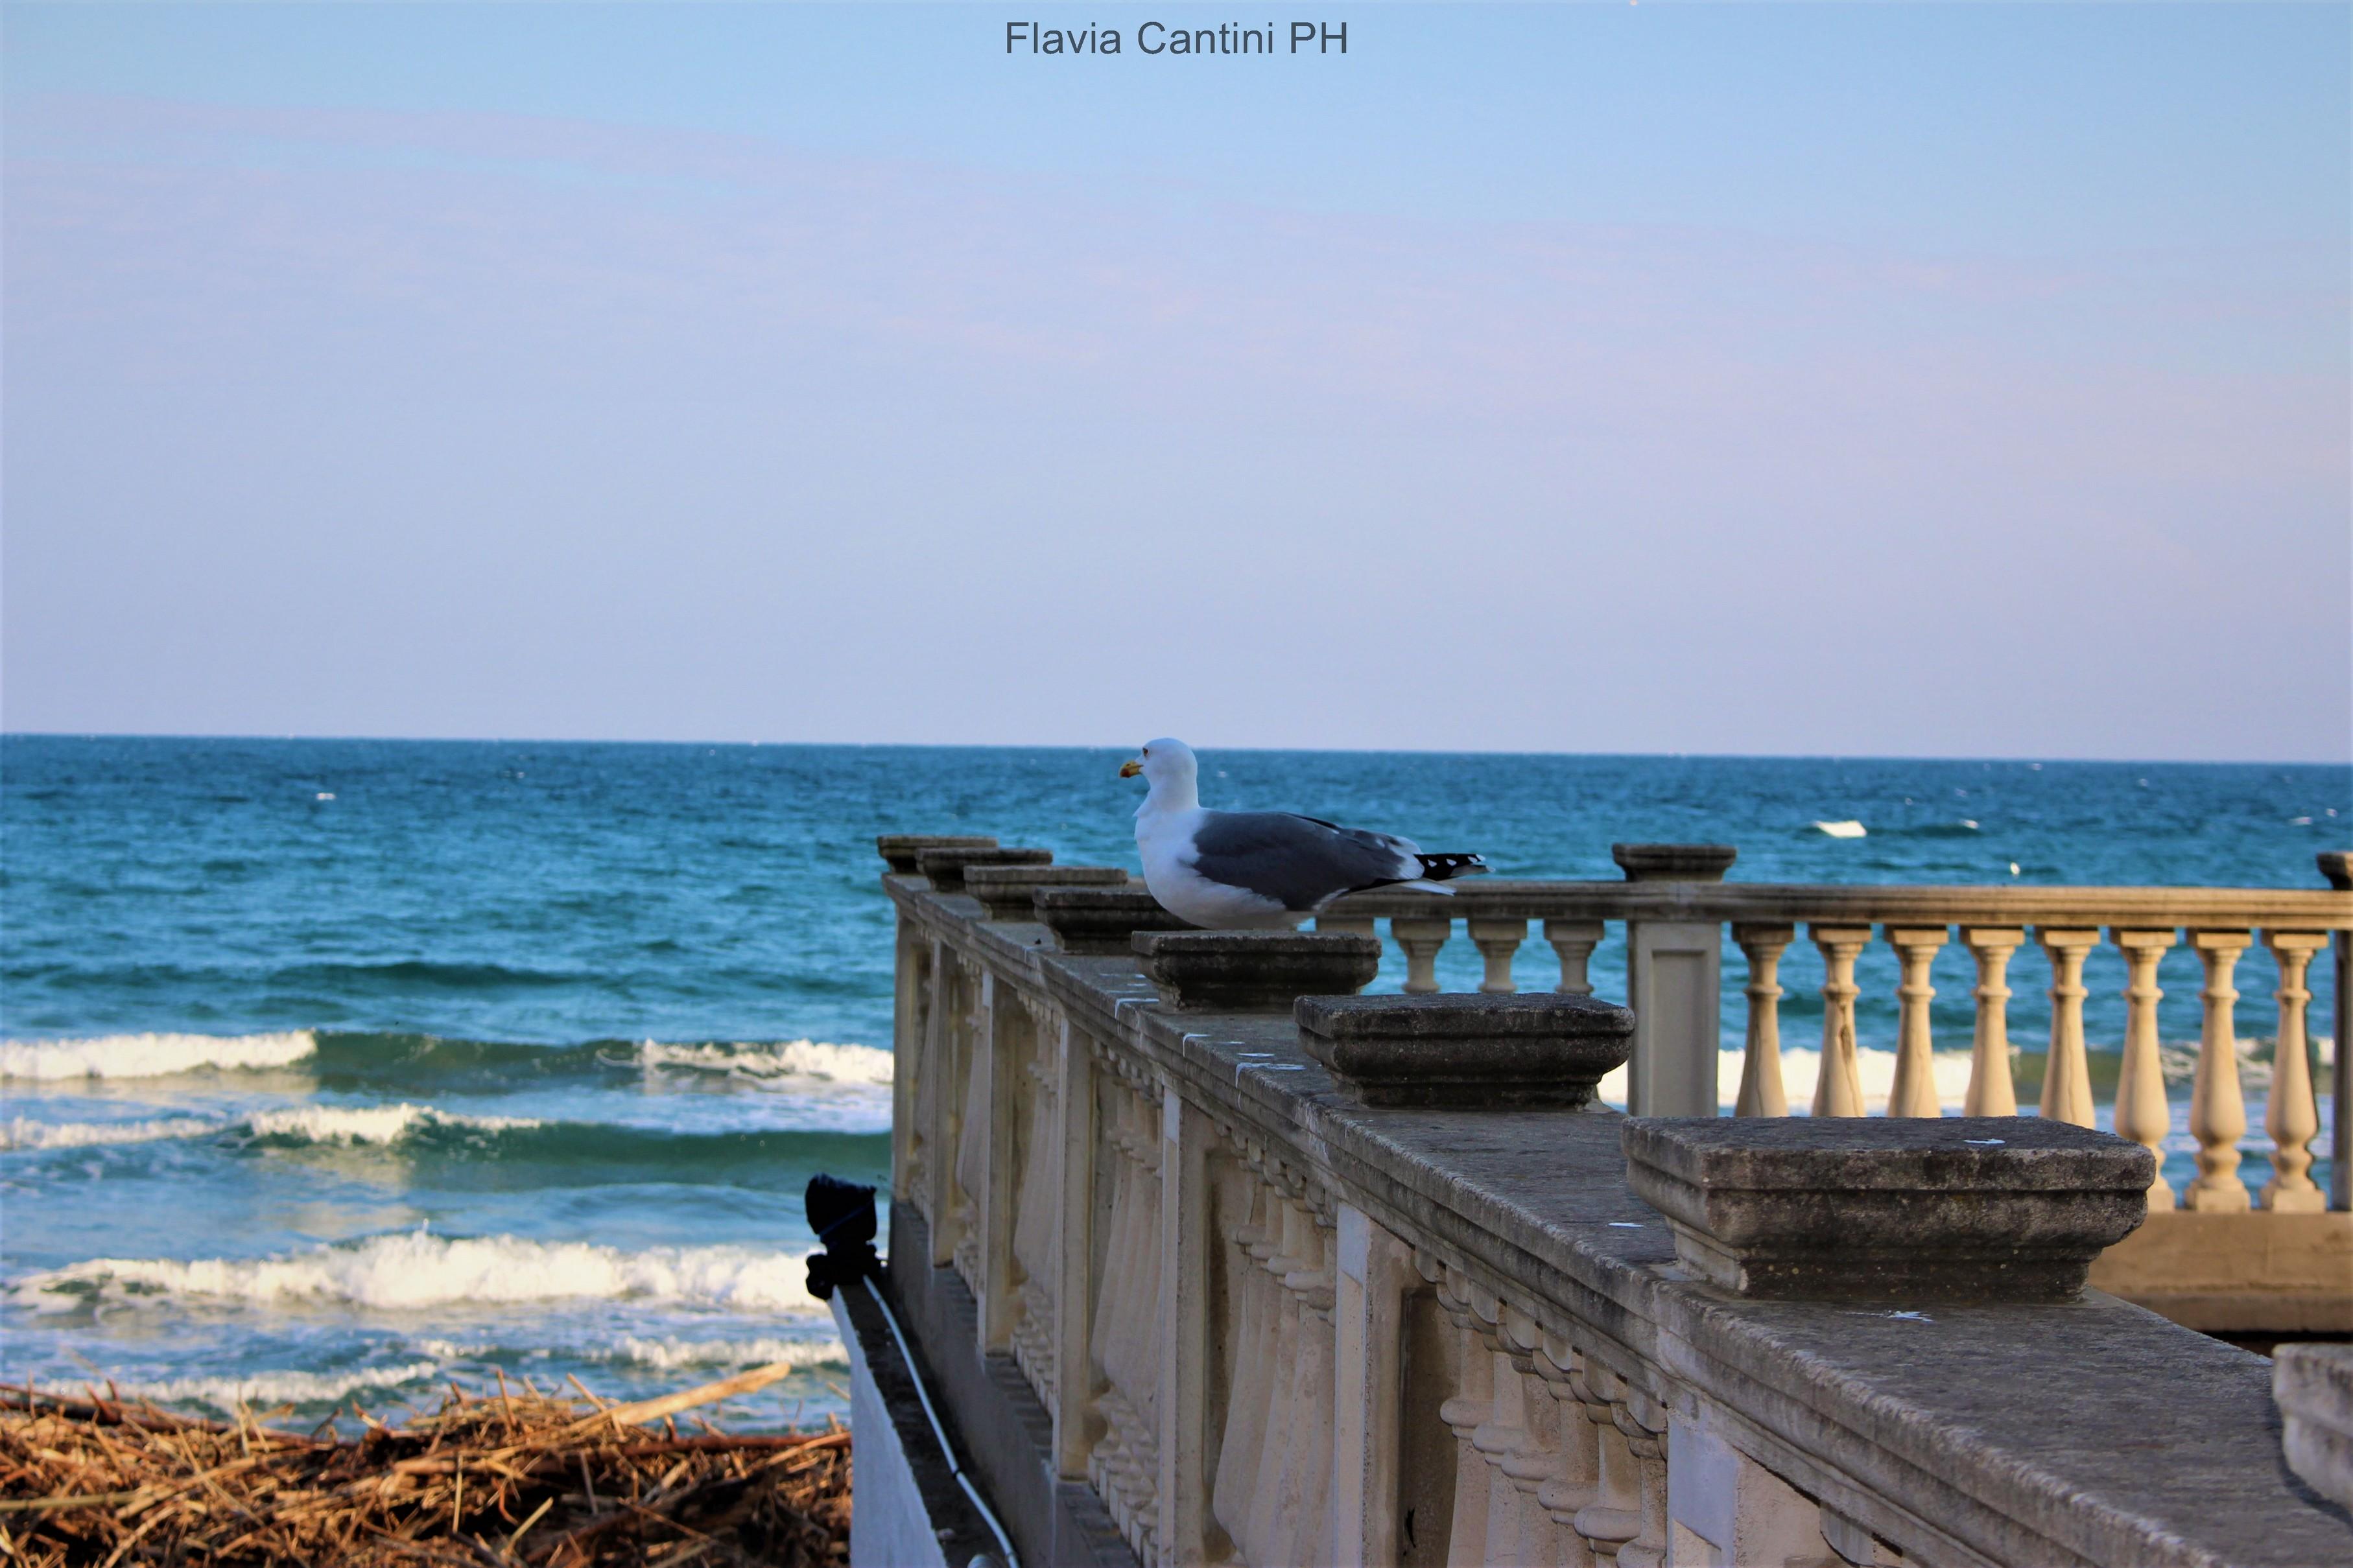 laigueglia-blog-flavia-cantini